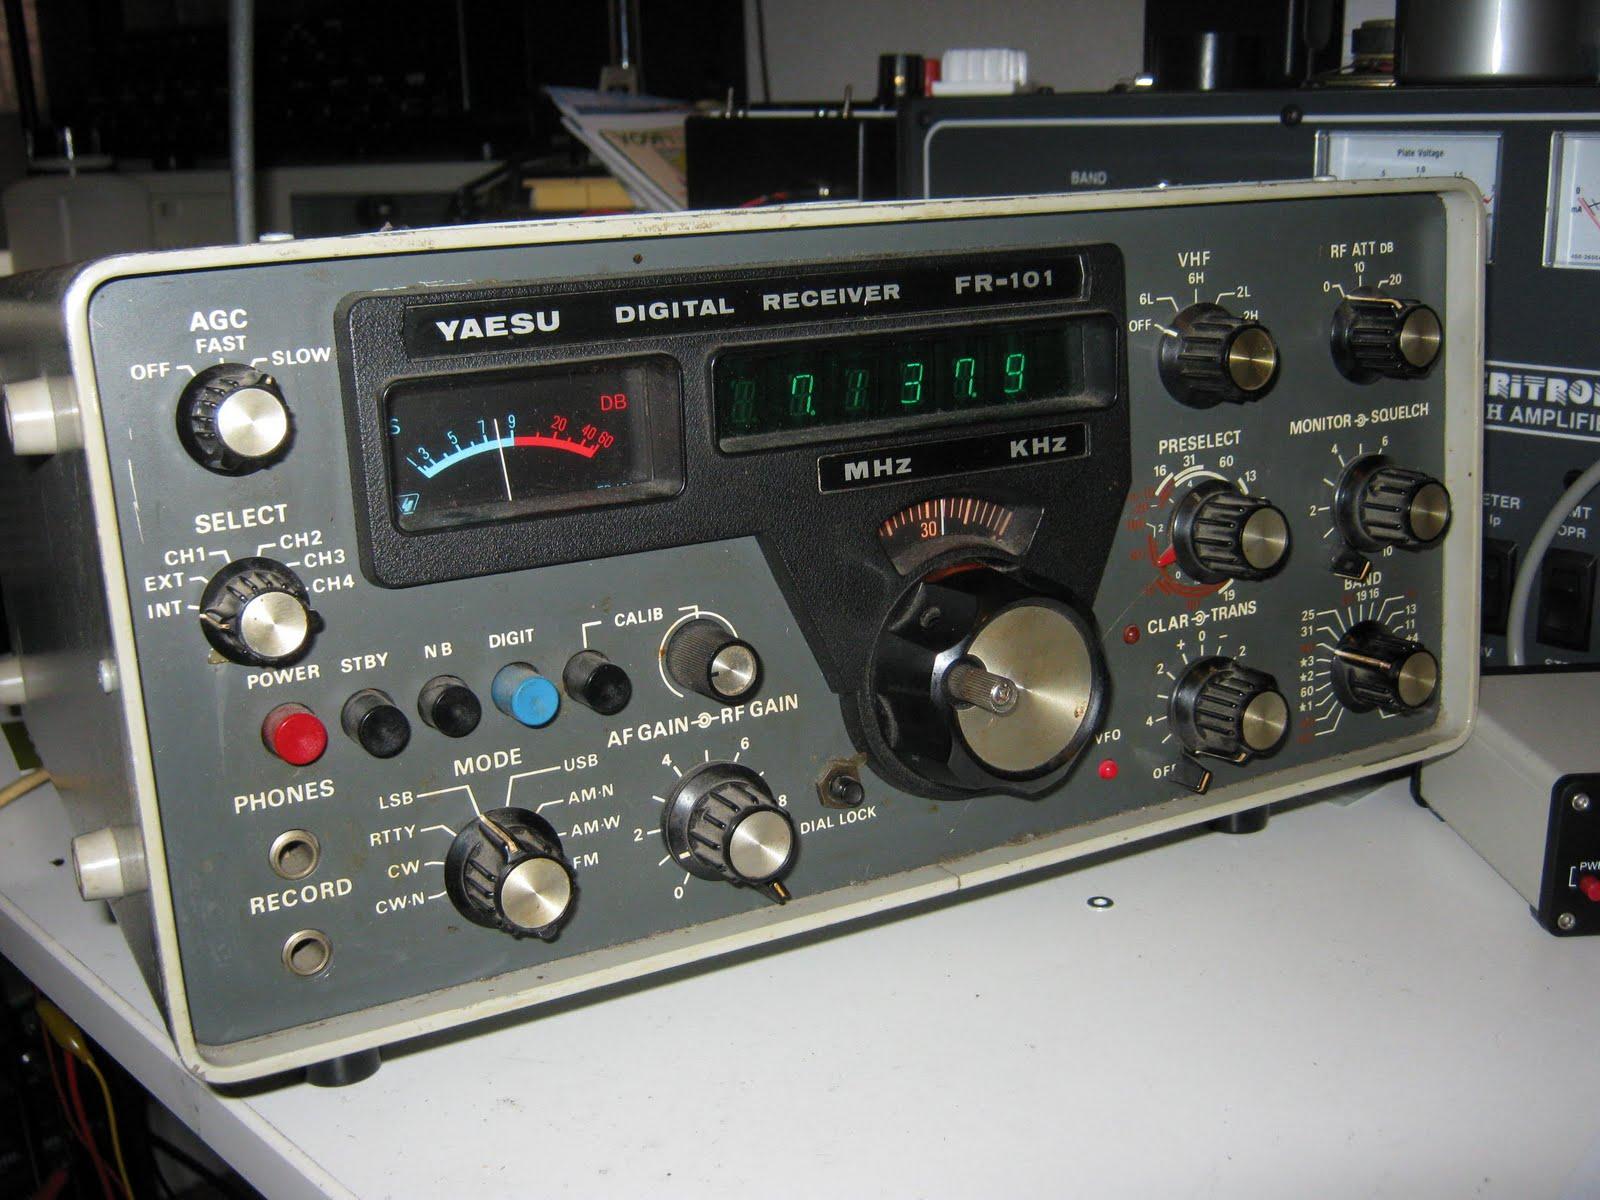 Amateur radio,radio,shortwave,receiver,ham,receive,transmit,antenna,transmitter,transceiver,scanner,am,fm,ssb,yaesu